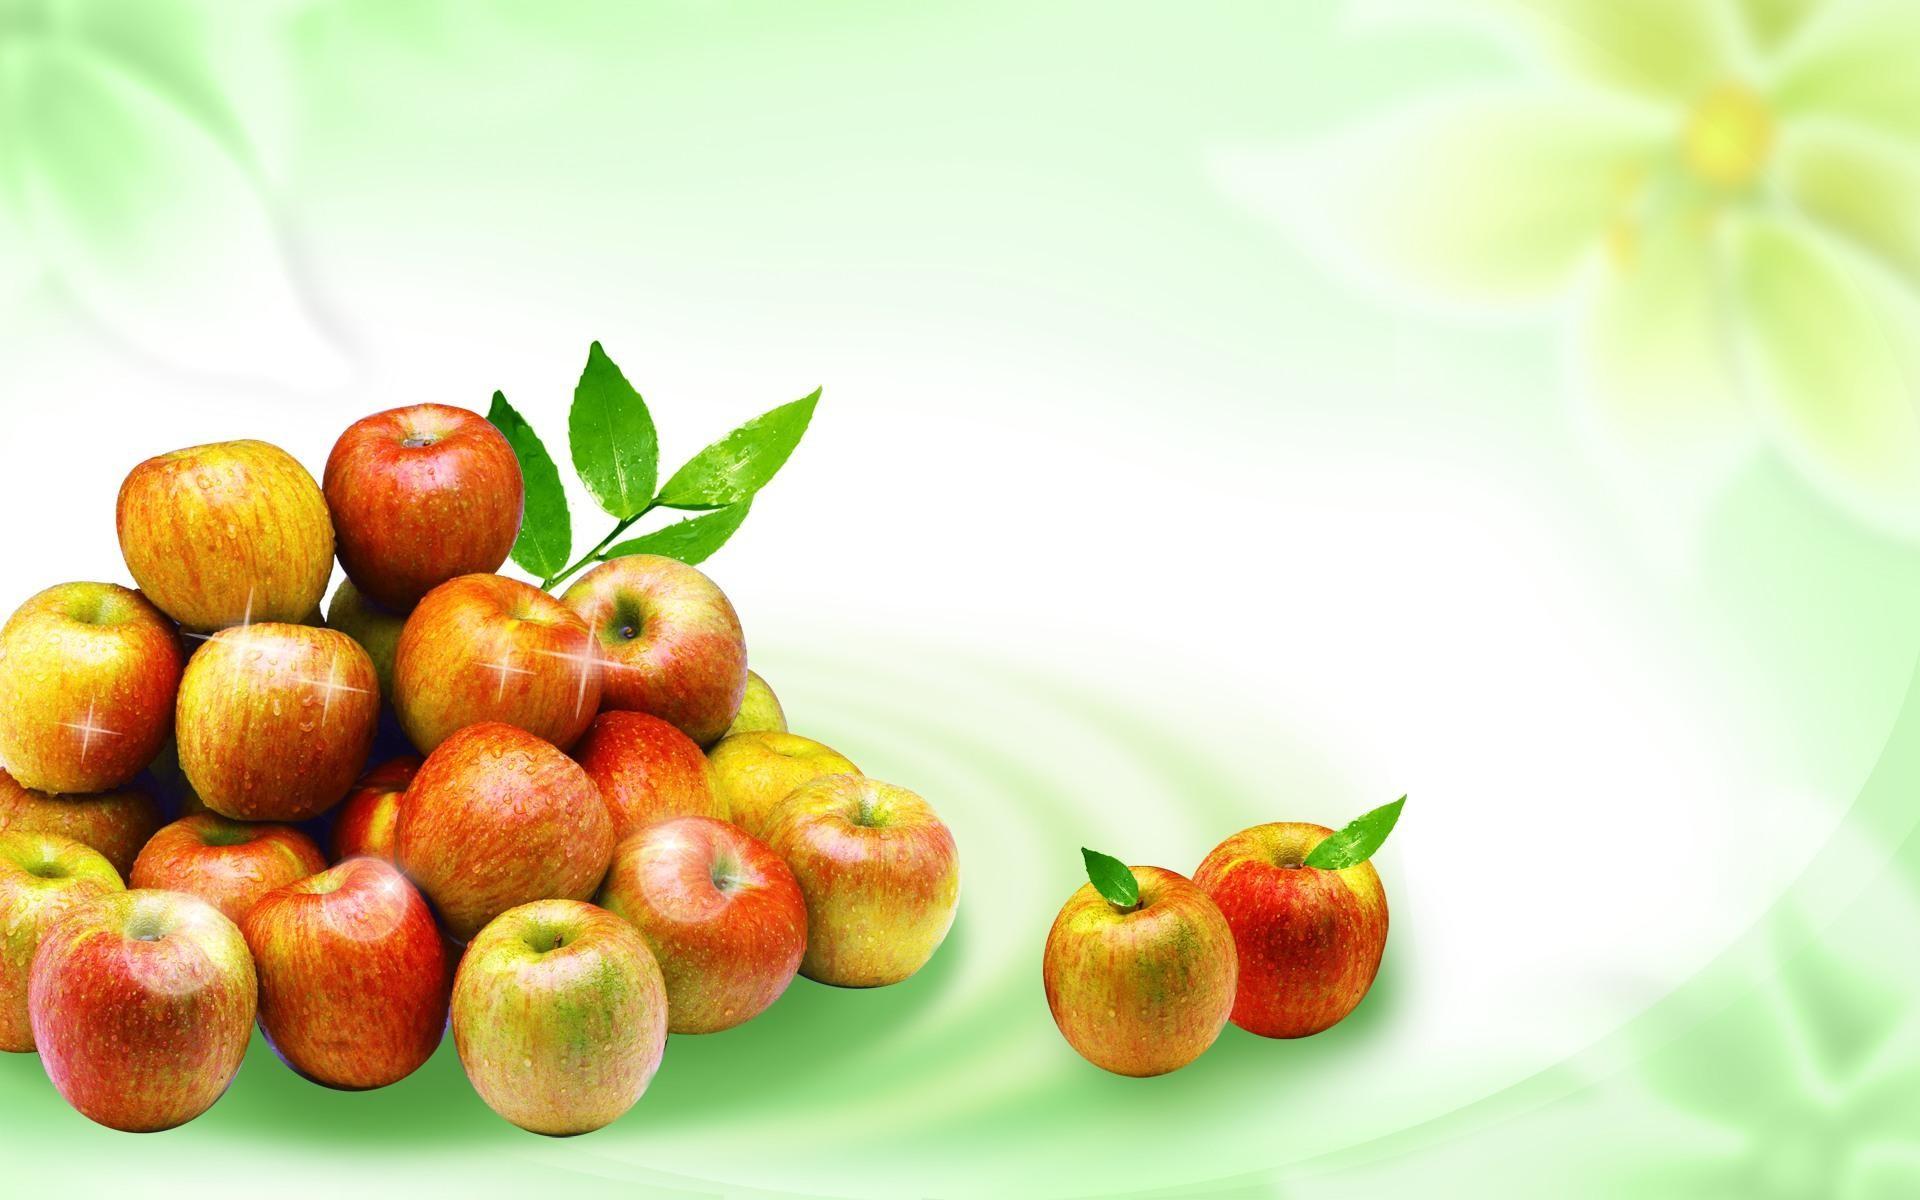 Res: 1920x1200, Apples wallpaper